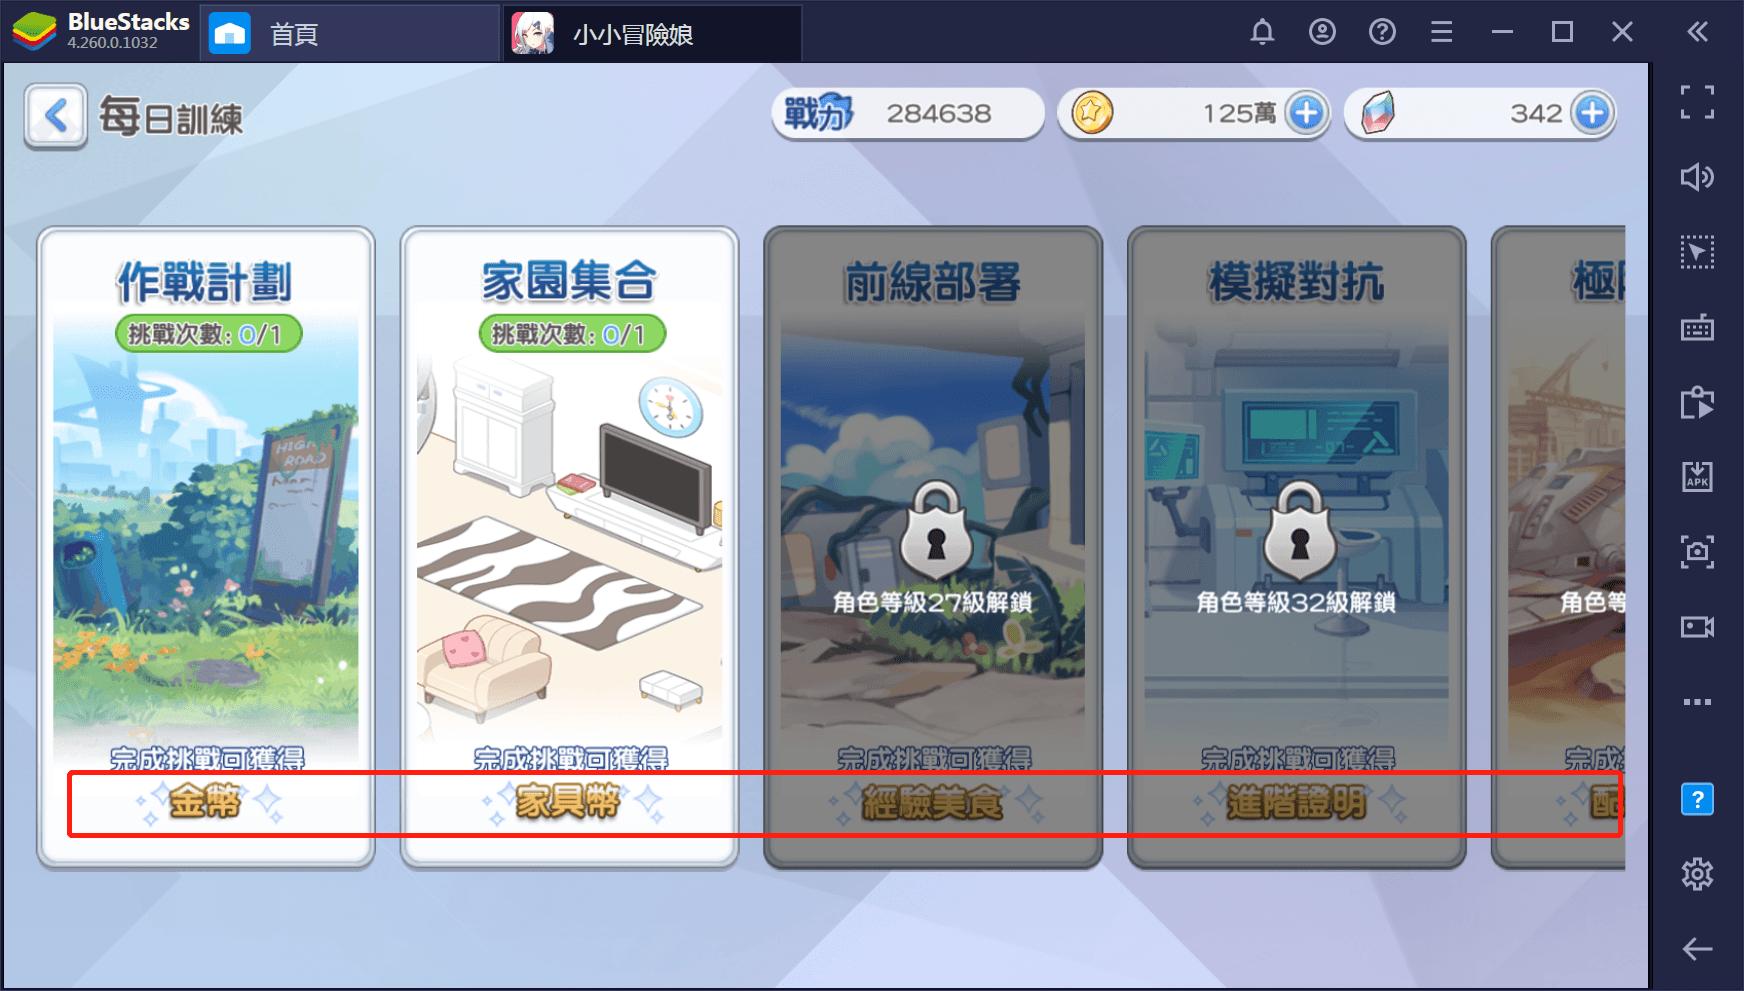 使用BlueStacks在PC上體驗輕策略少女卡牌遊戲《小小冒險娘》